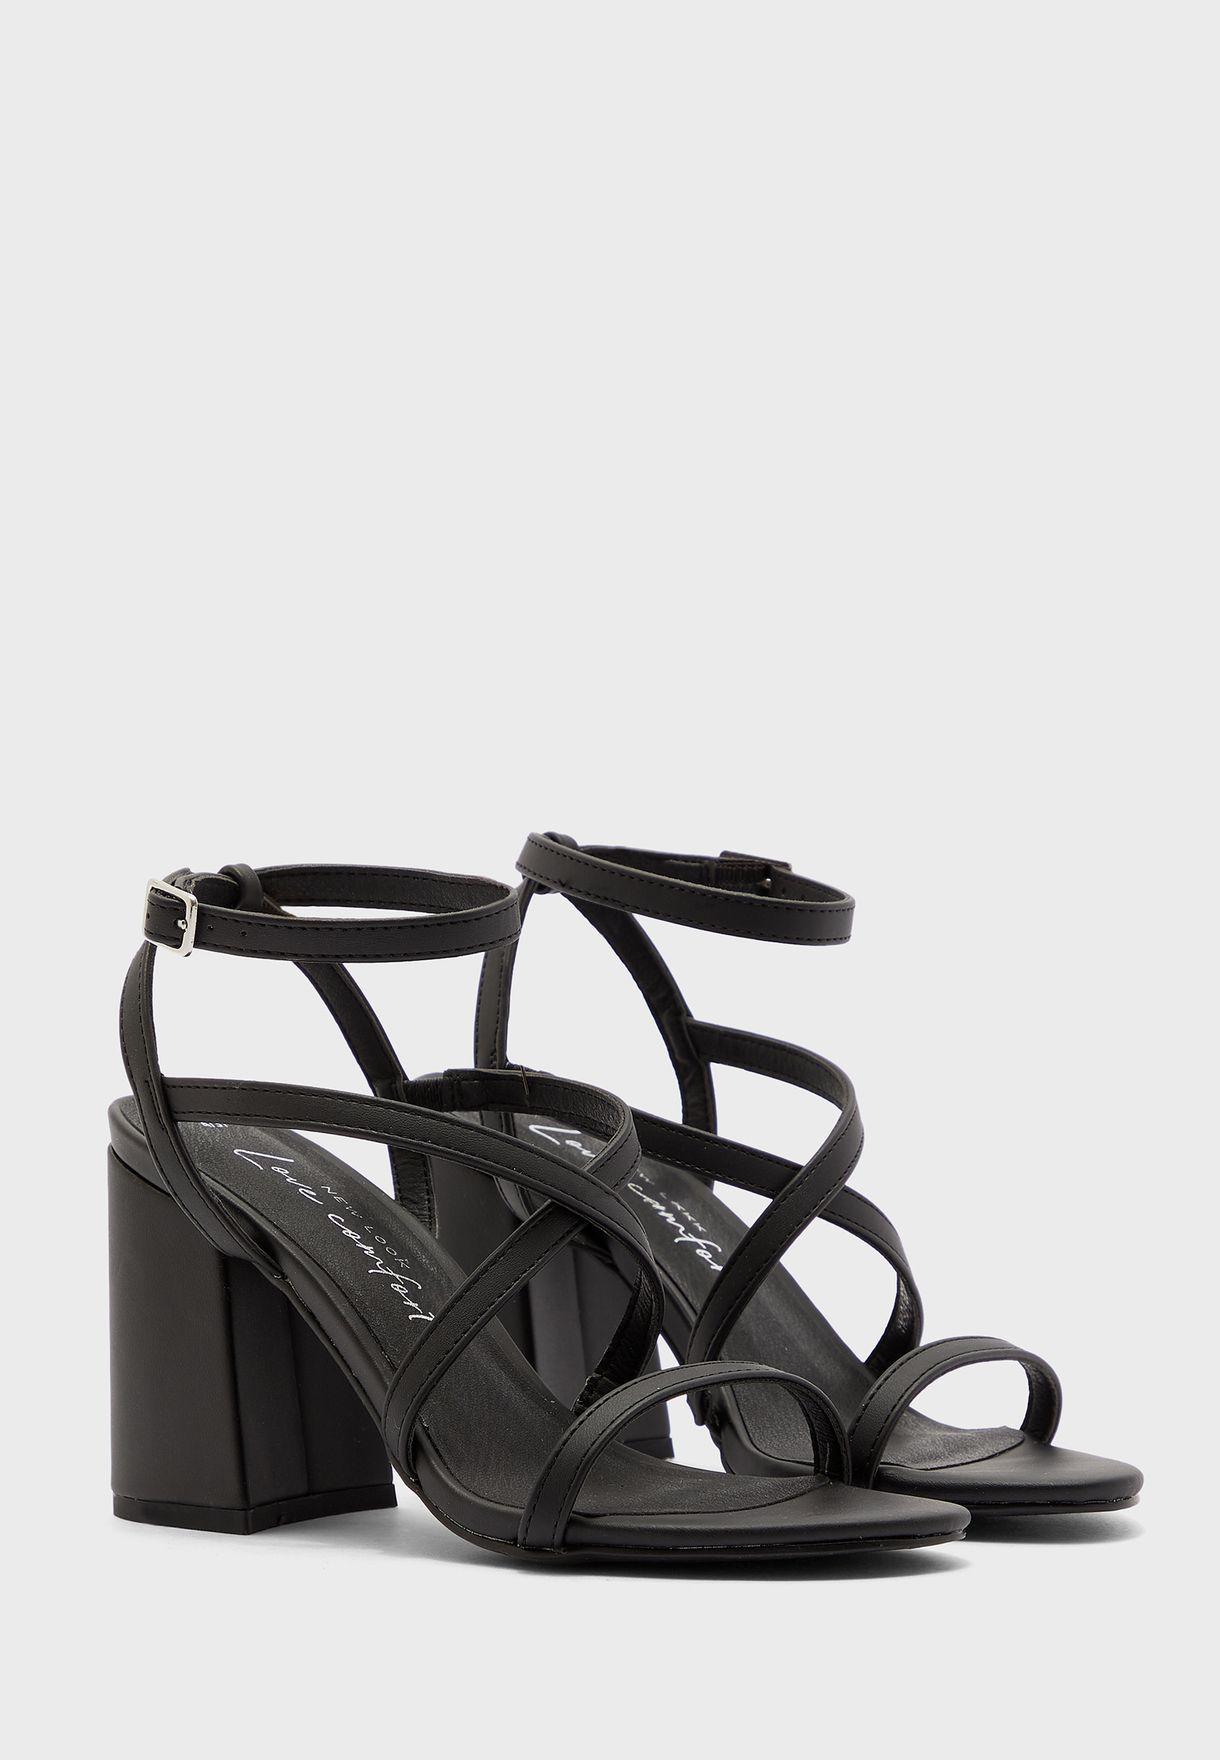 Woona Block Heel Sandal